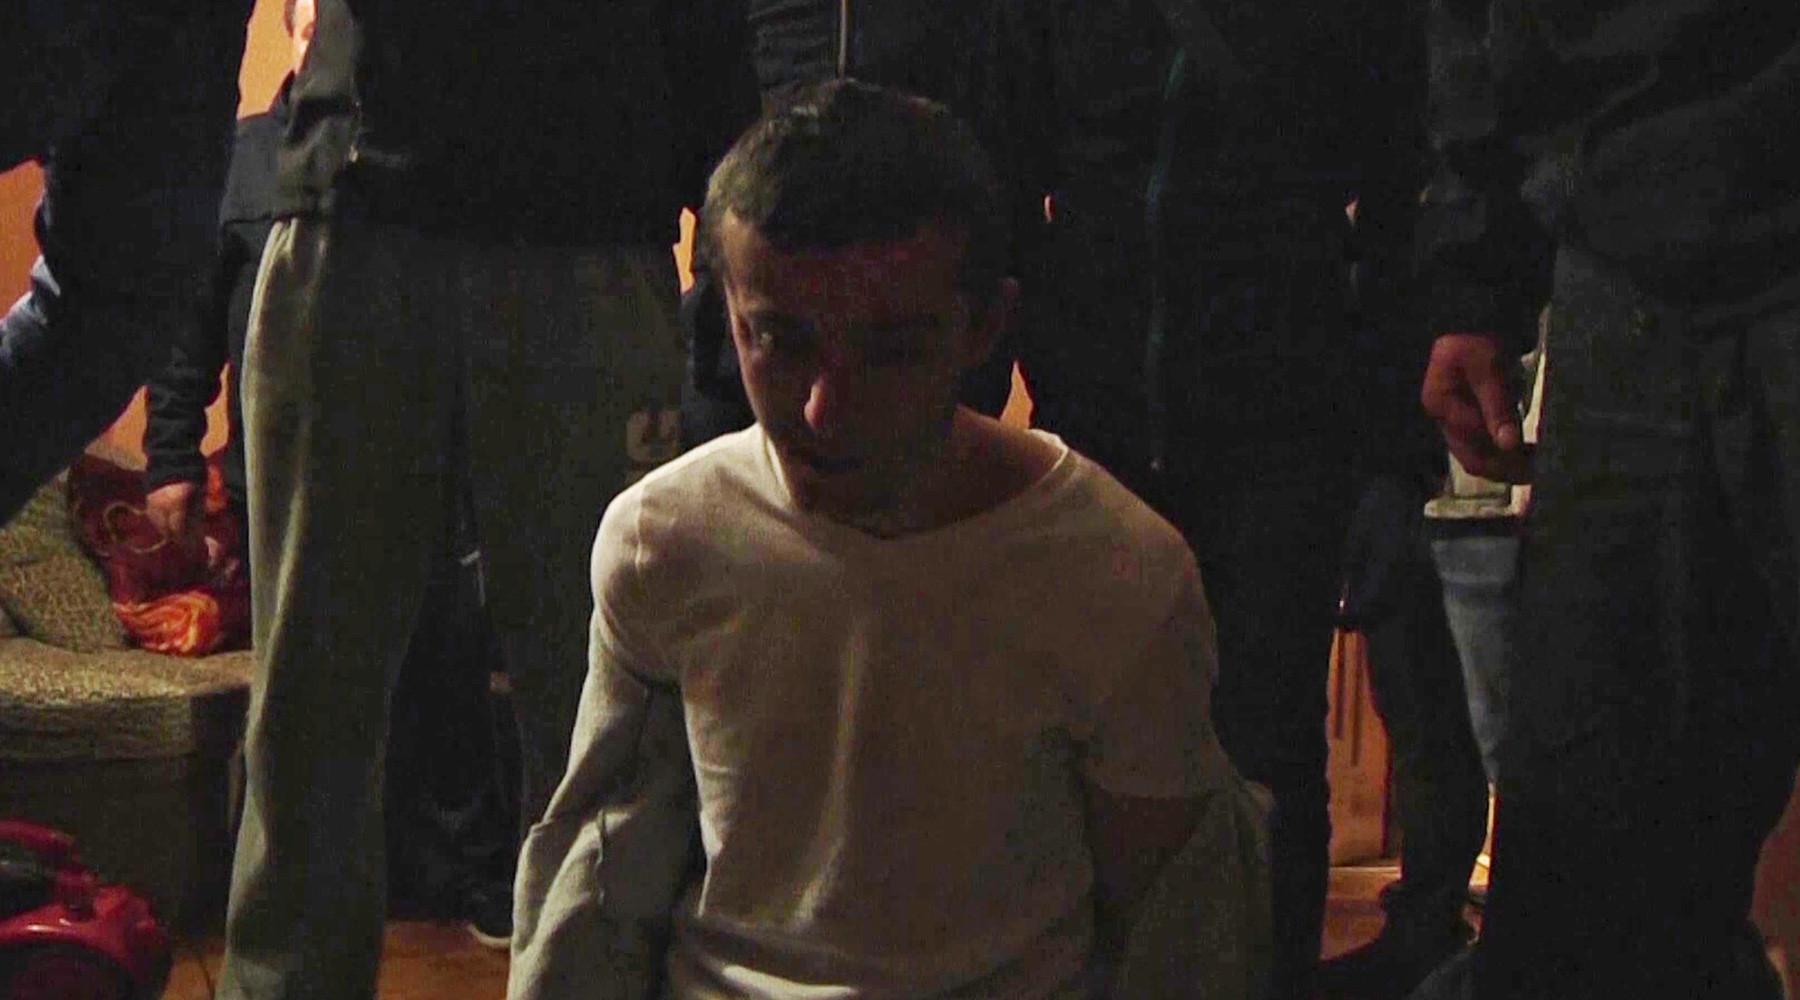 ФСБ задержала в Москве членов ИГ, планировавших теракты в людных местах